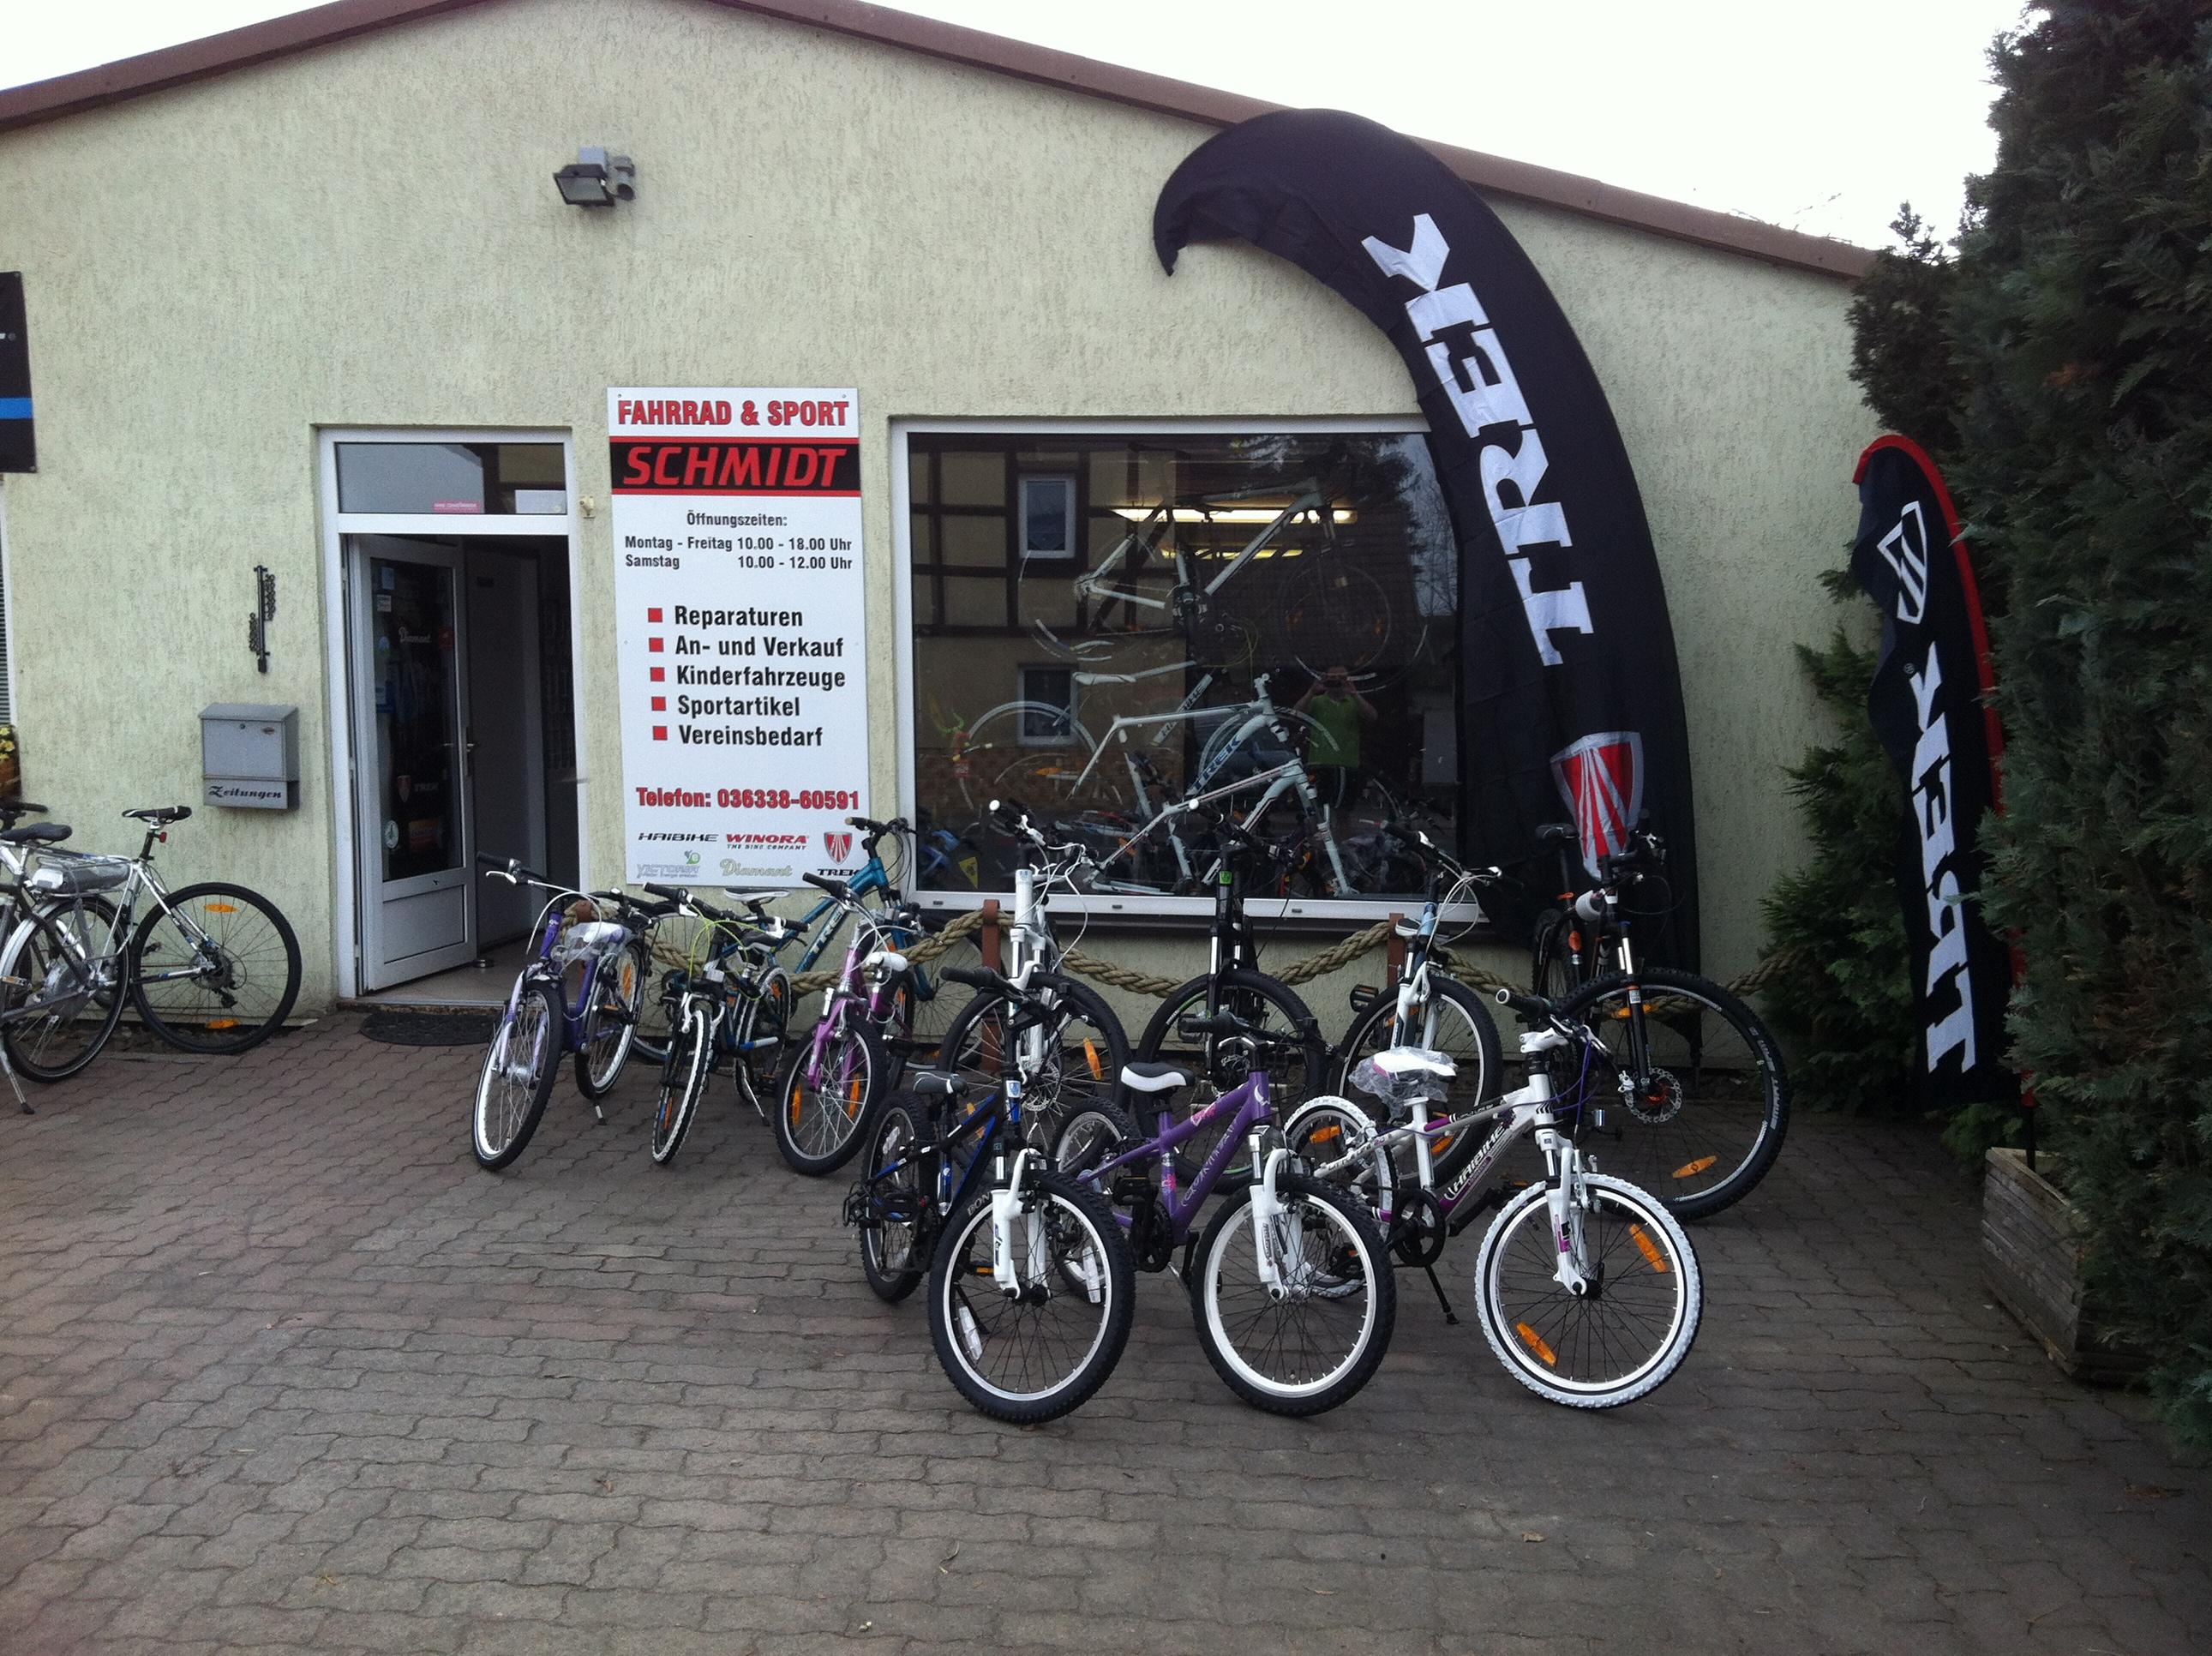 Fahrrad & Sport Schmidt